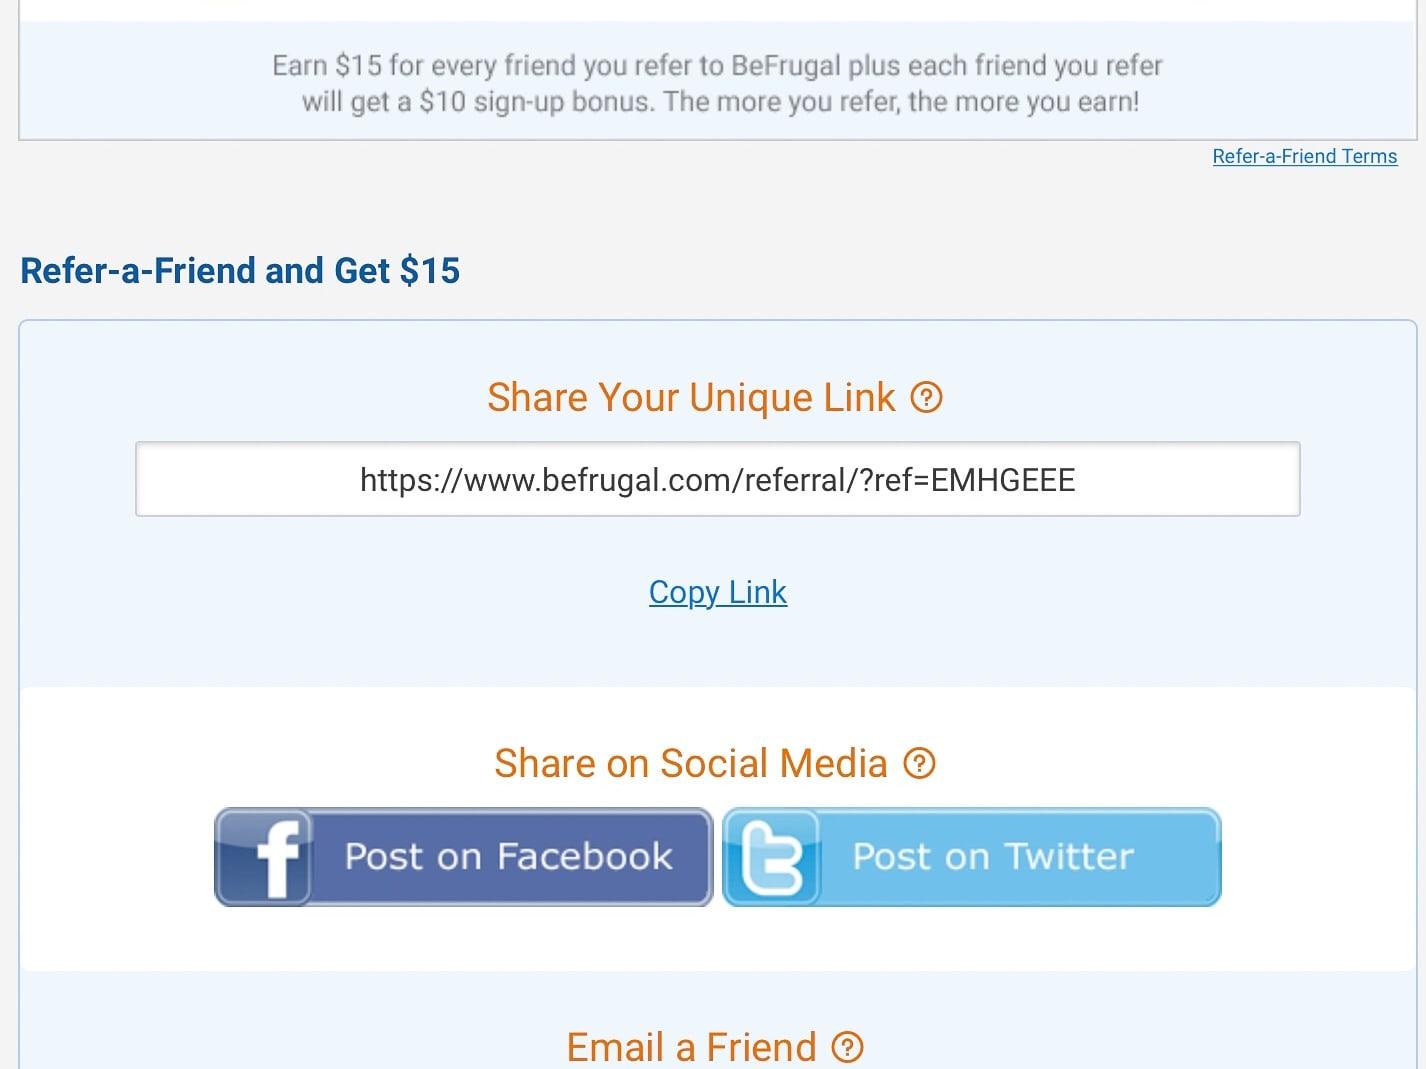 $10 Signup Bonus for BeFrugal